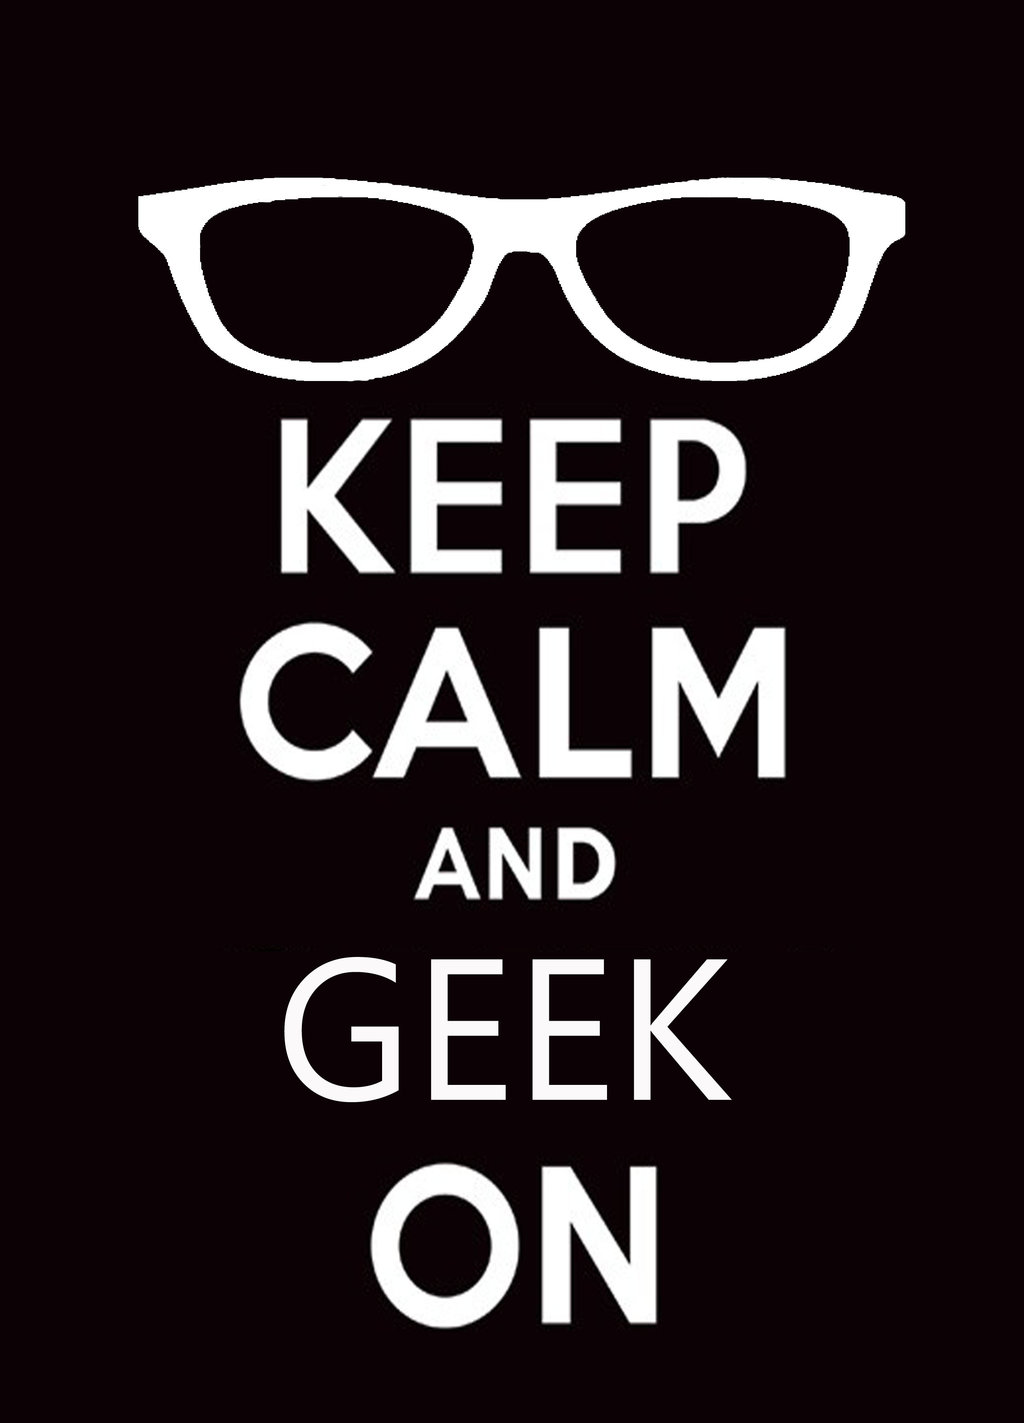 Am i a geek or a nerd